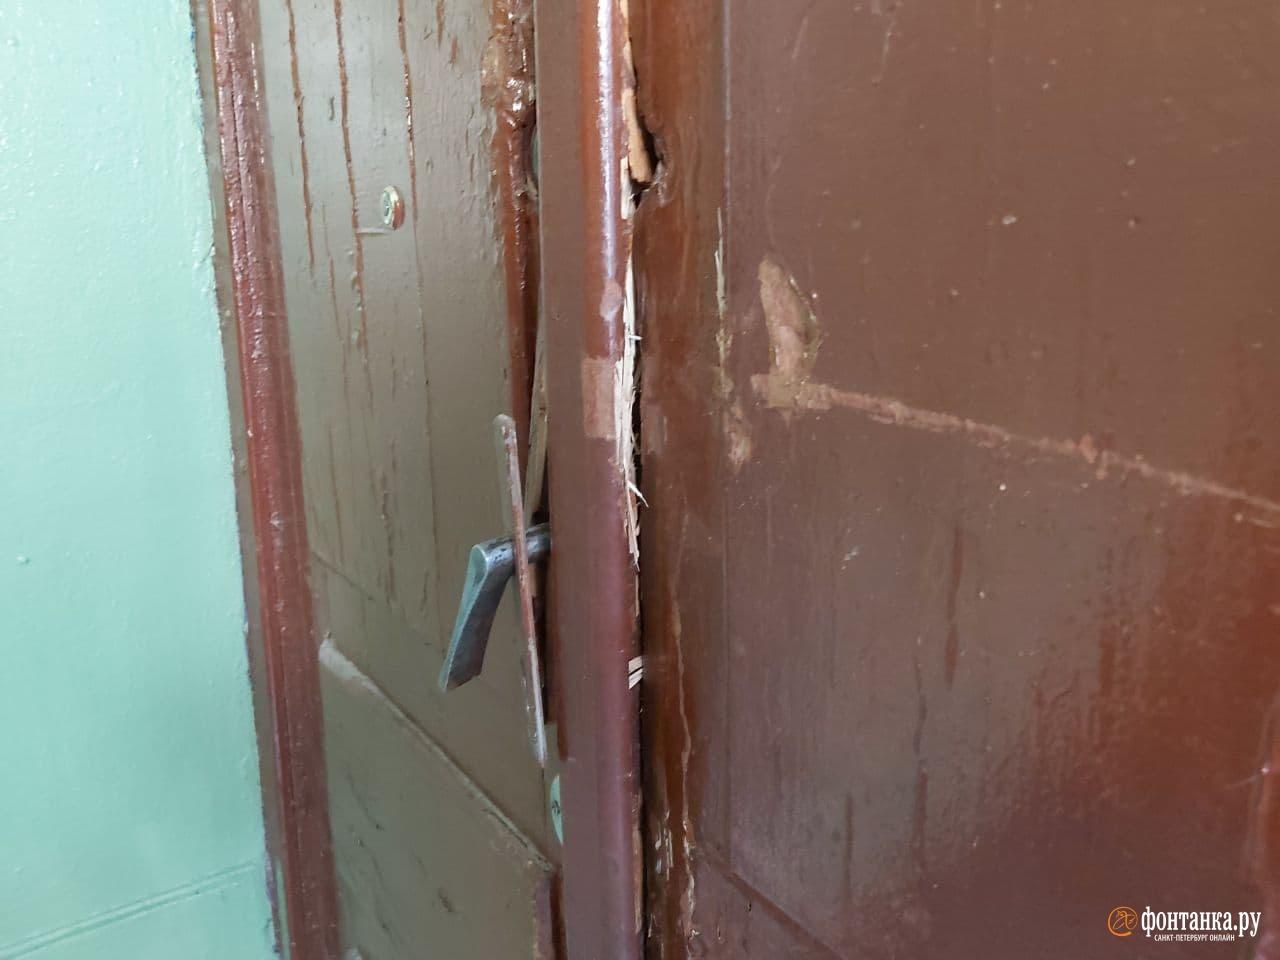 Спецназ сломал дверь перед обыском в мастерской